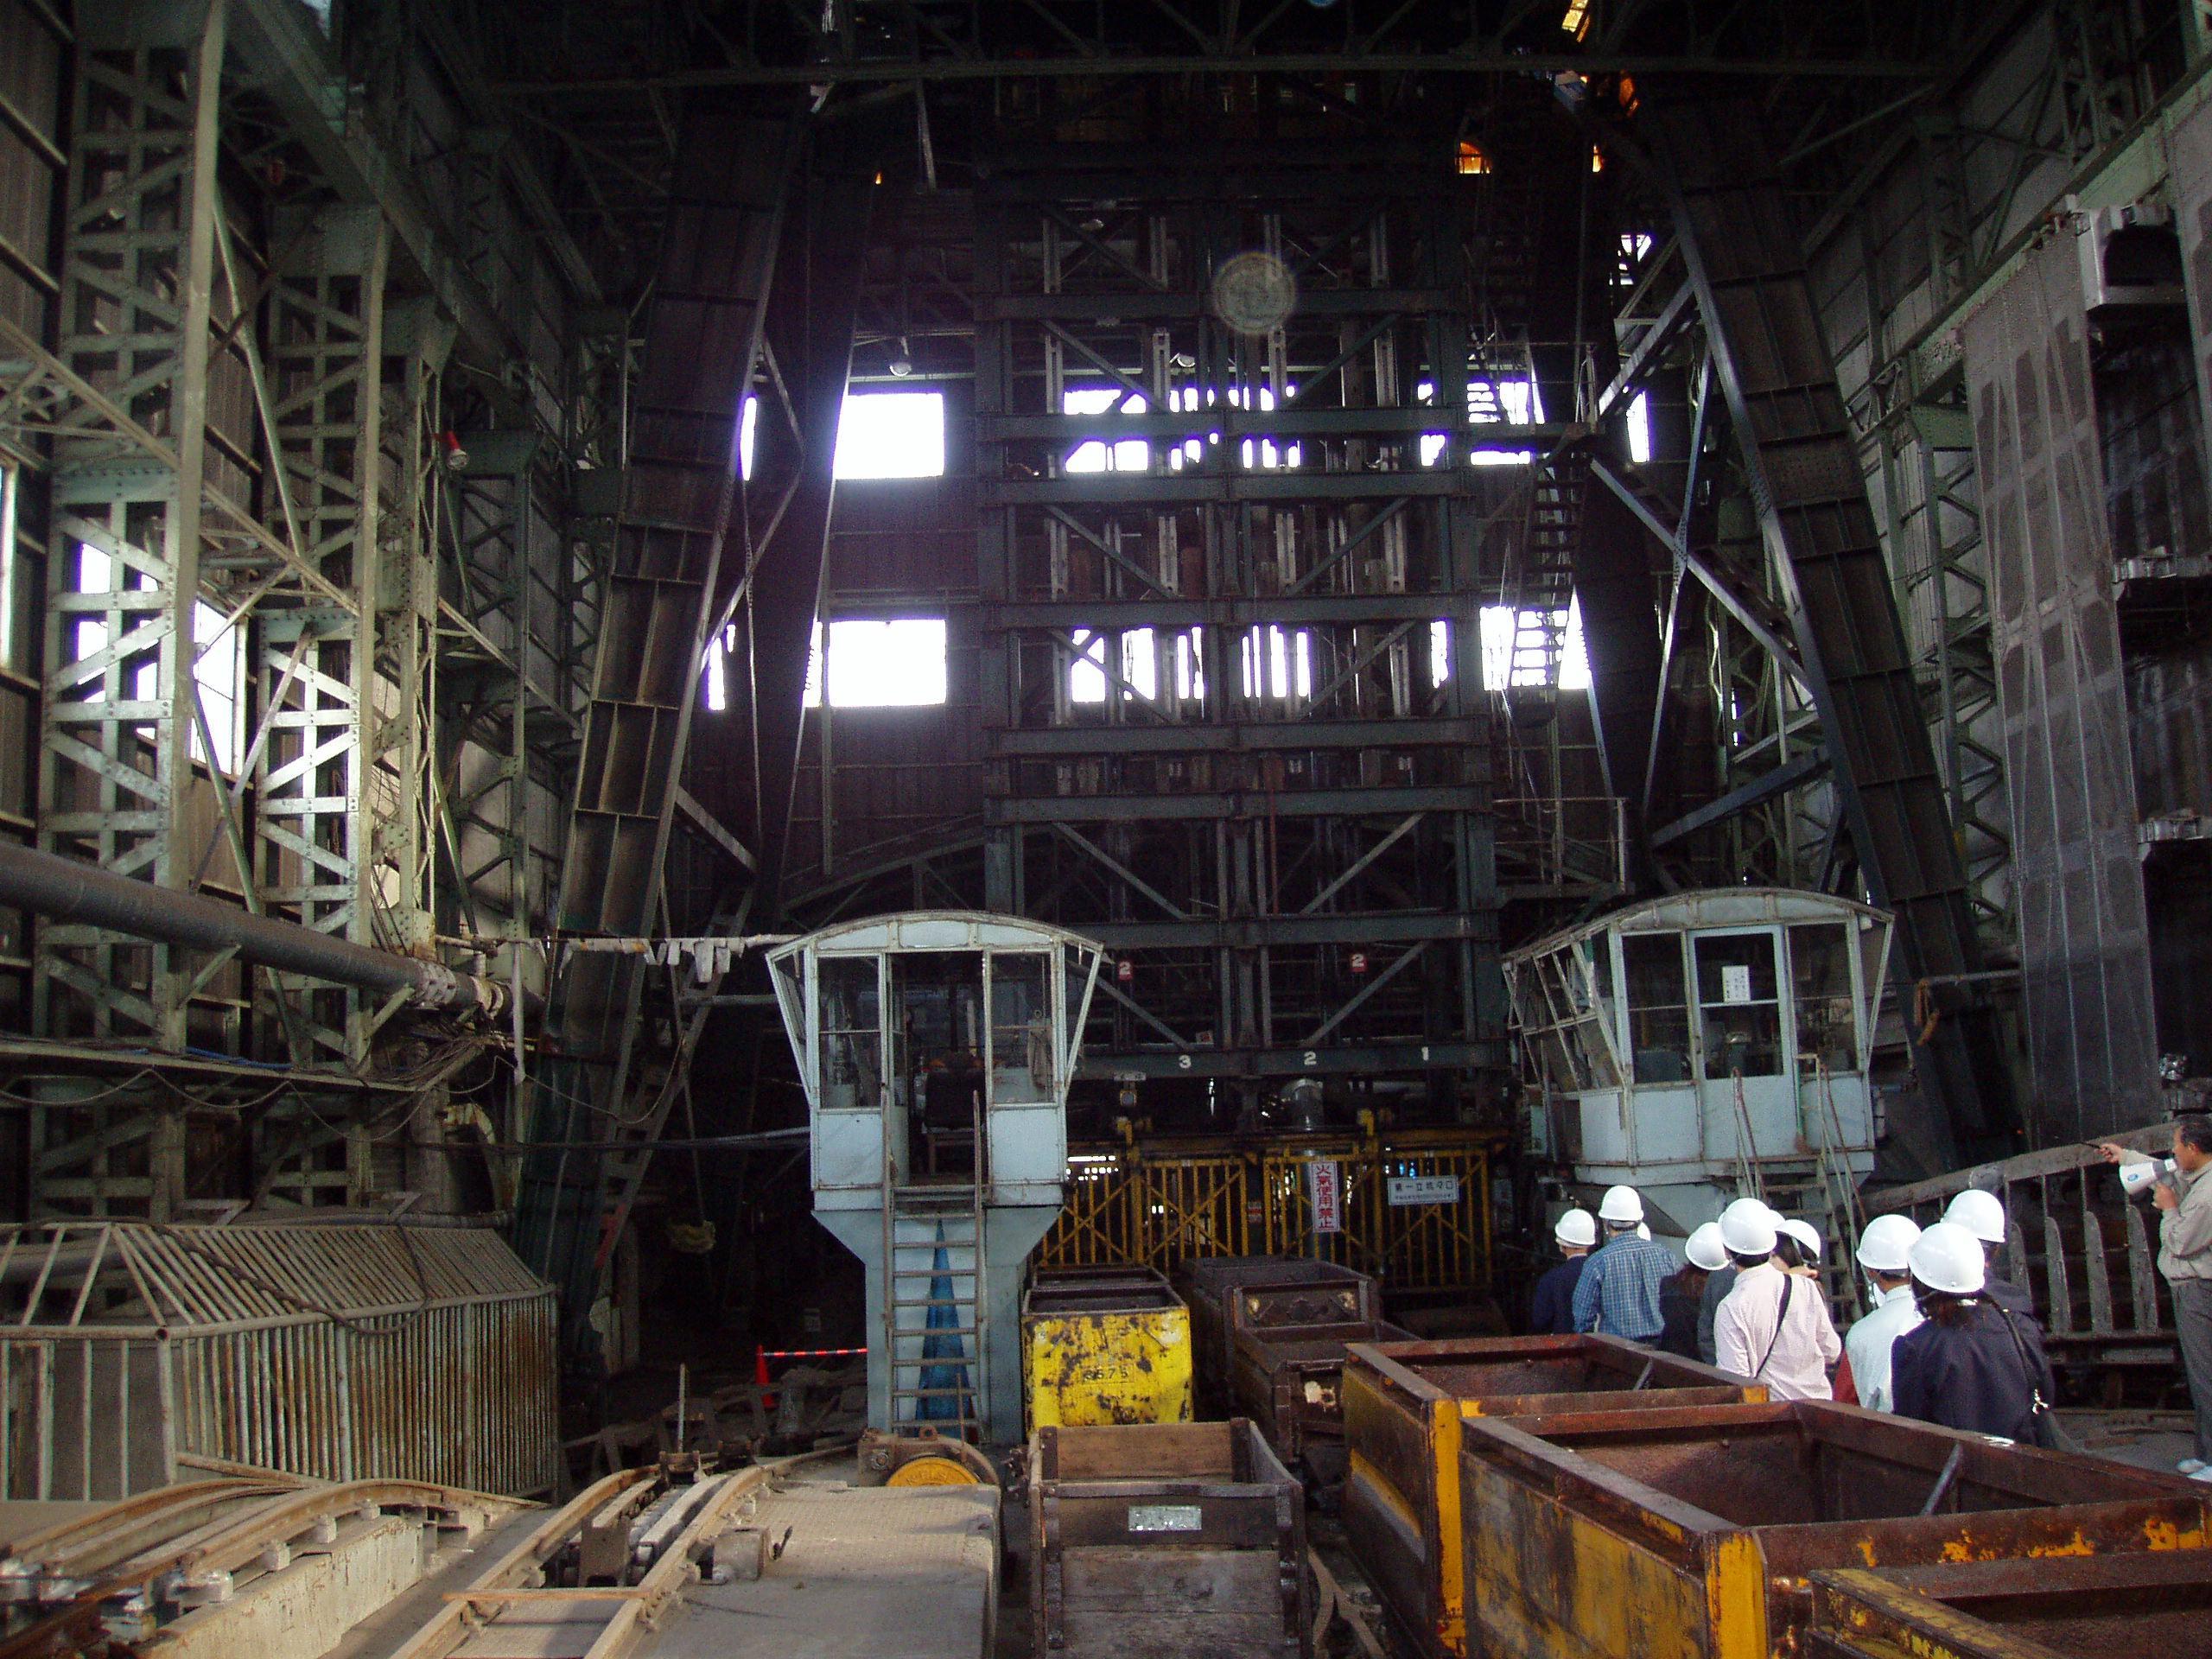 北海道遺産を訪ねて 空知の炭鉱遺産と赤平TANtanまつり 札幌発着 (9/2) 札幌